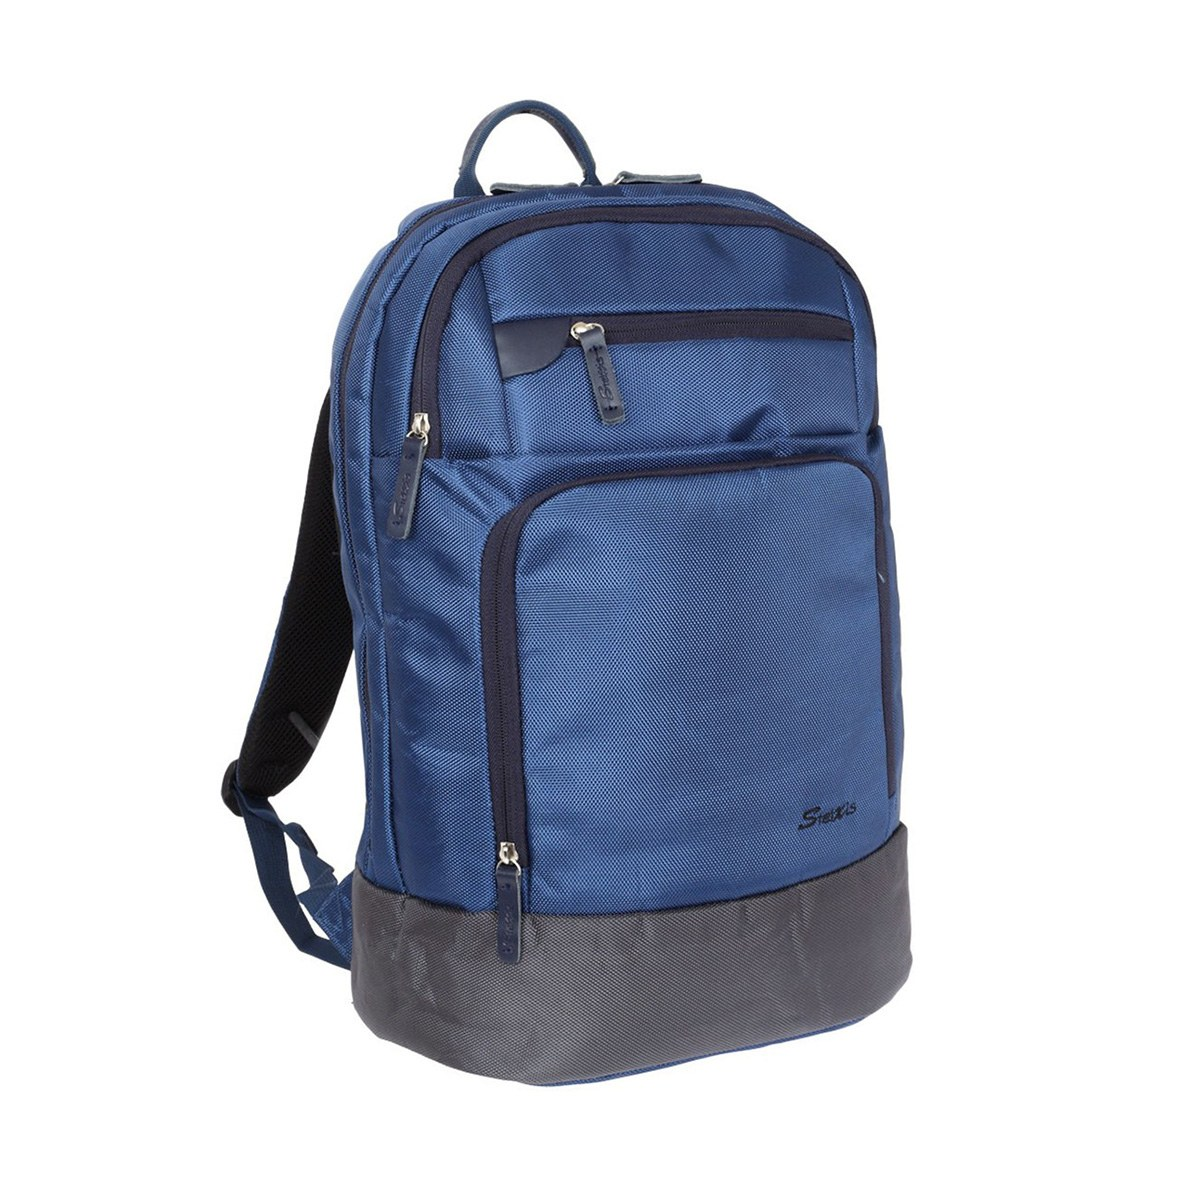 9765889263 Σακίδιο Πλάτης Stelxis Laptop-Tablet Backpack 15.6